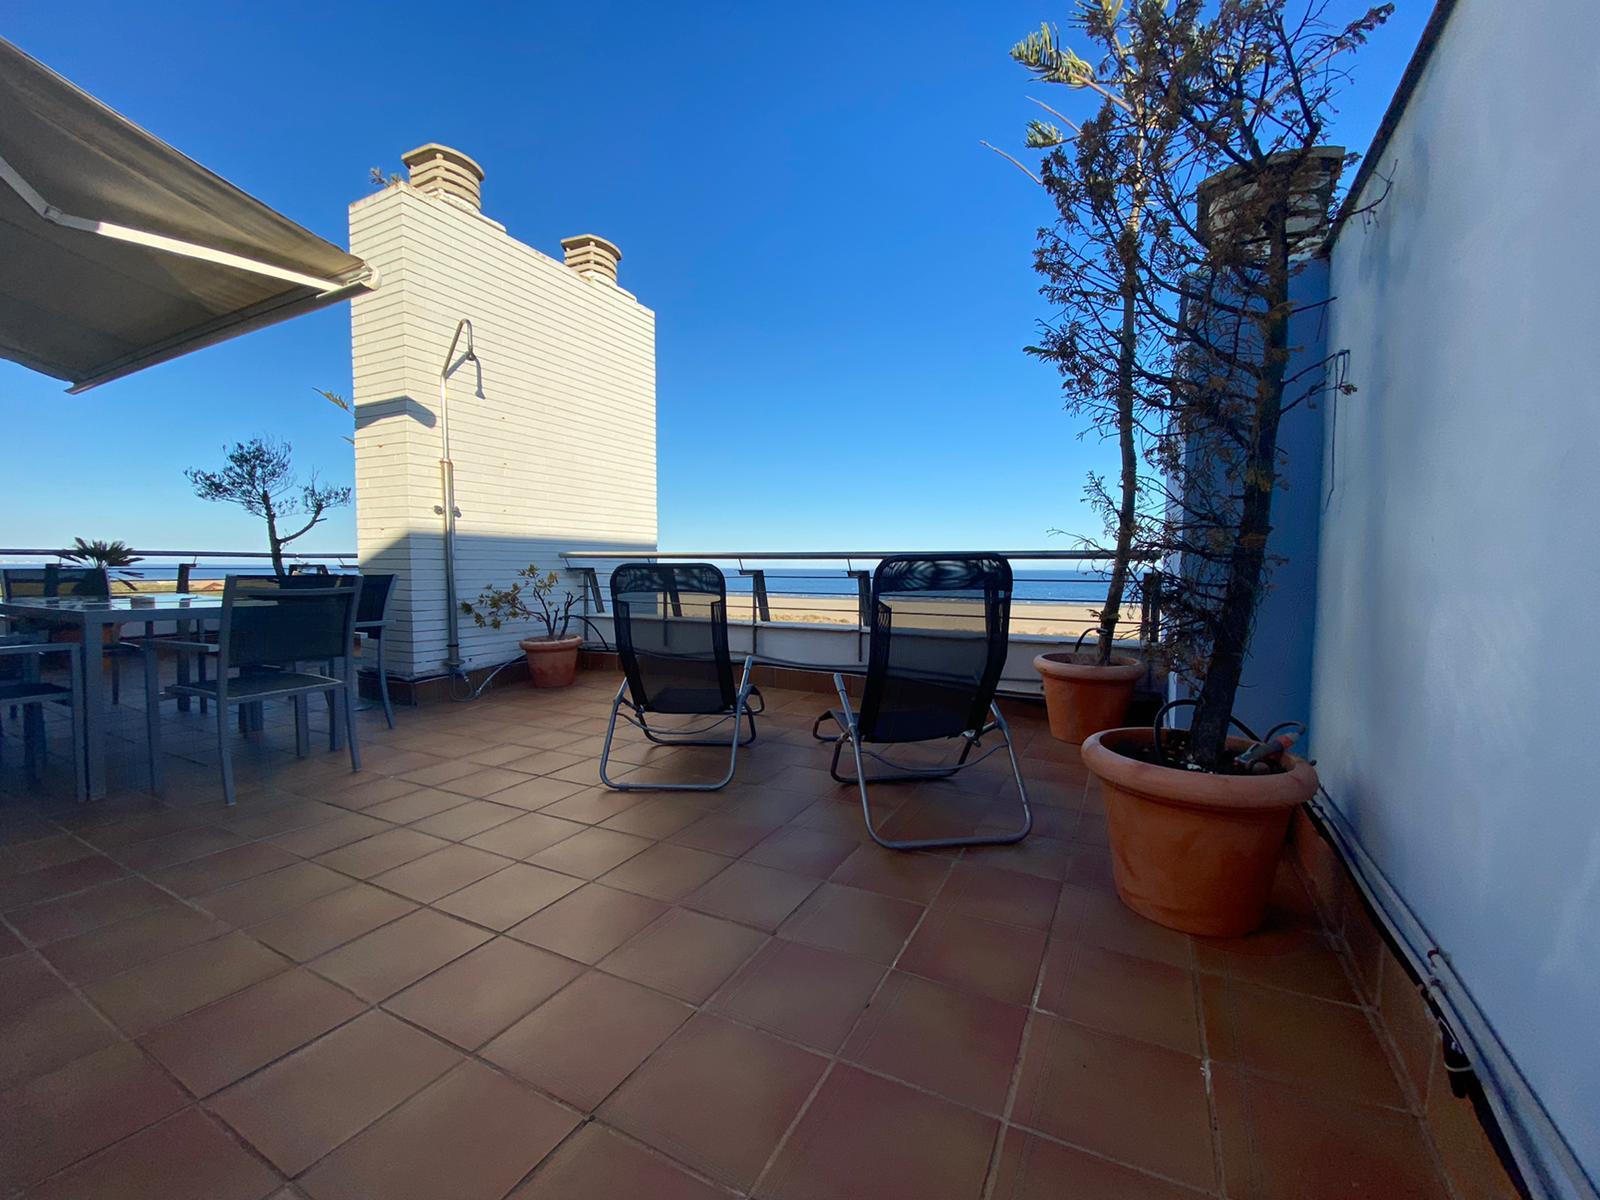 Imagen 3 del Apartamento Turístico, Ático 4 Levante, Frontal (4d+2b), Punta del Moral (HUELVA), Paseo de la Cruz nº22